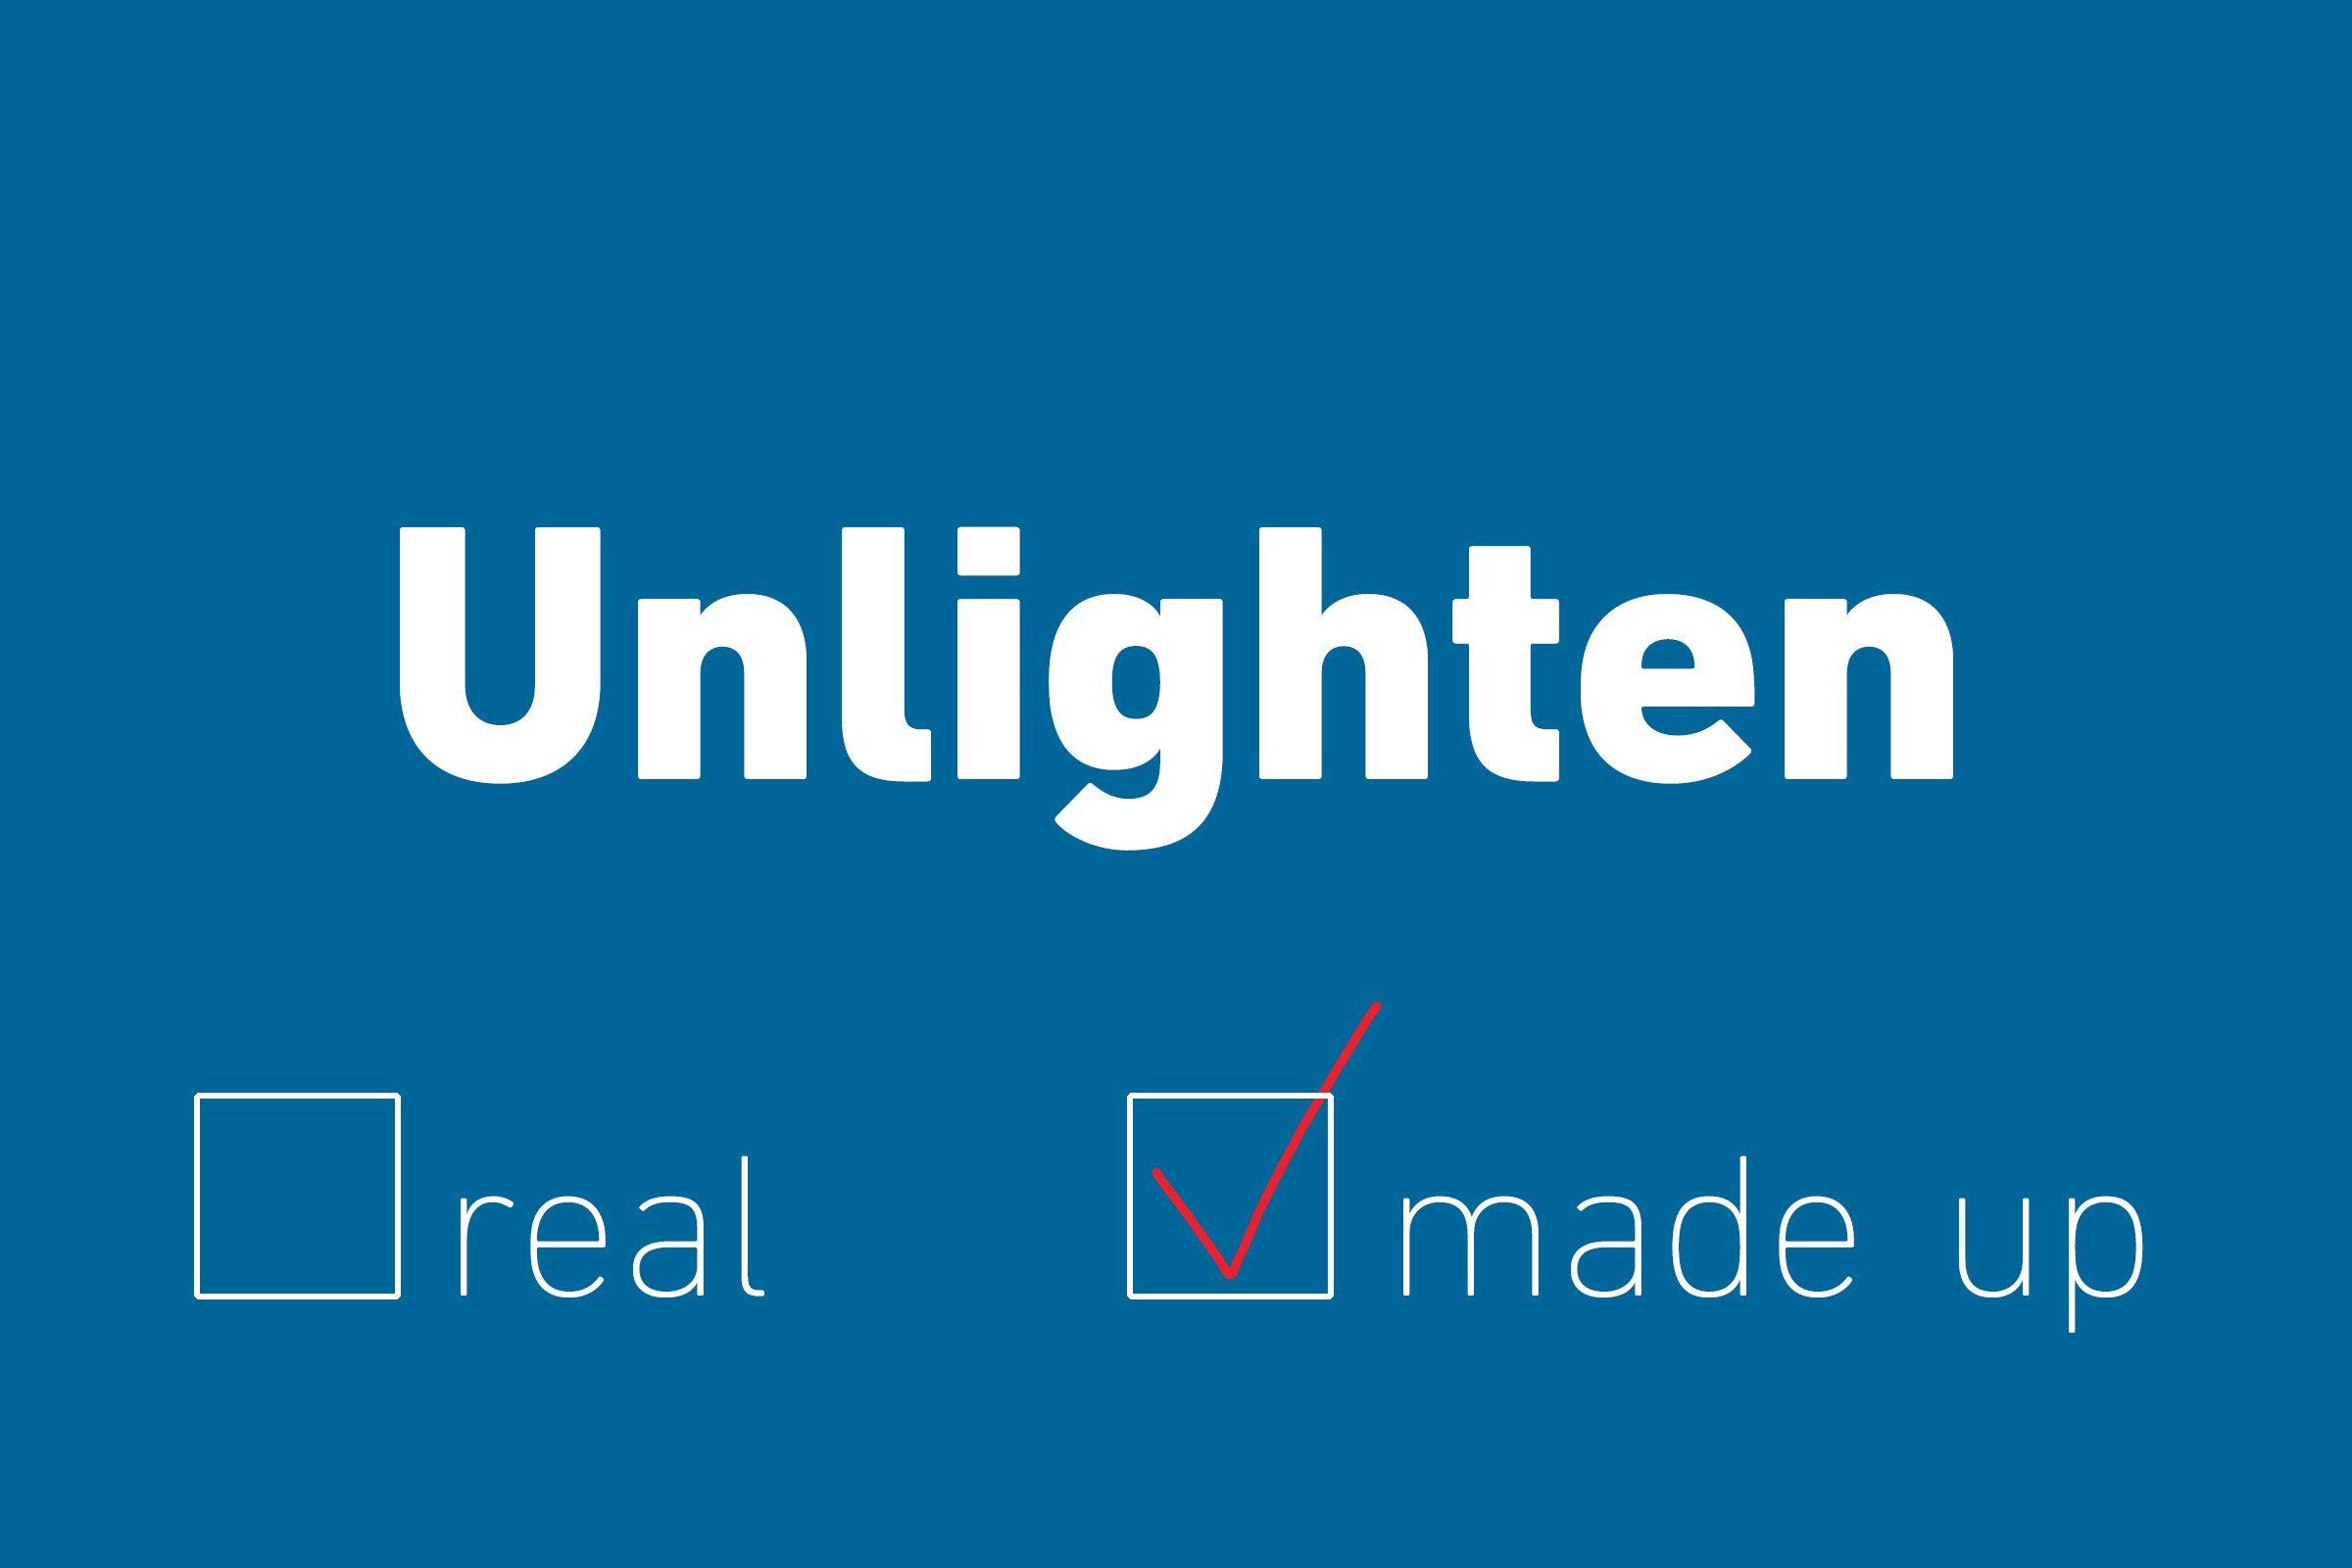 unlighten made up